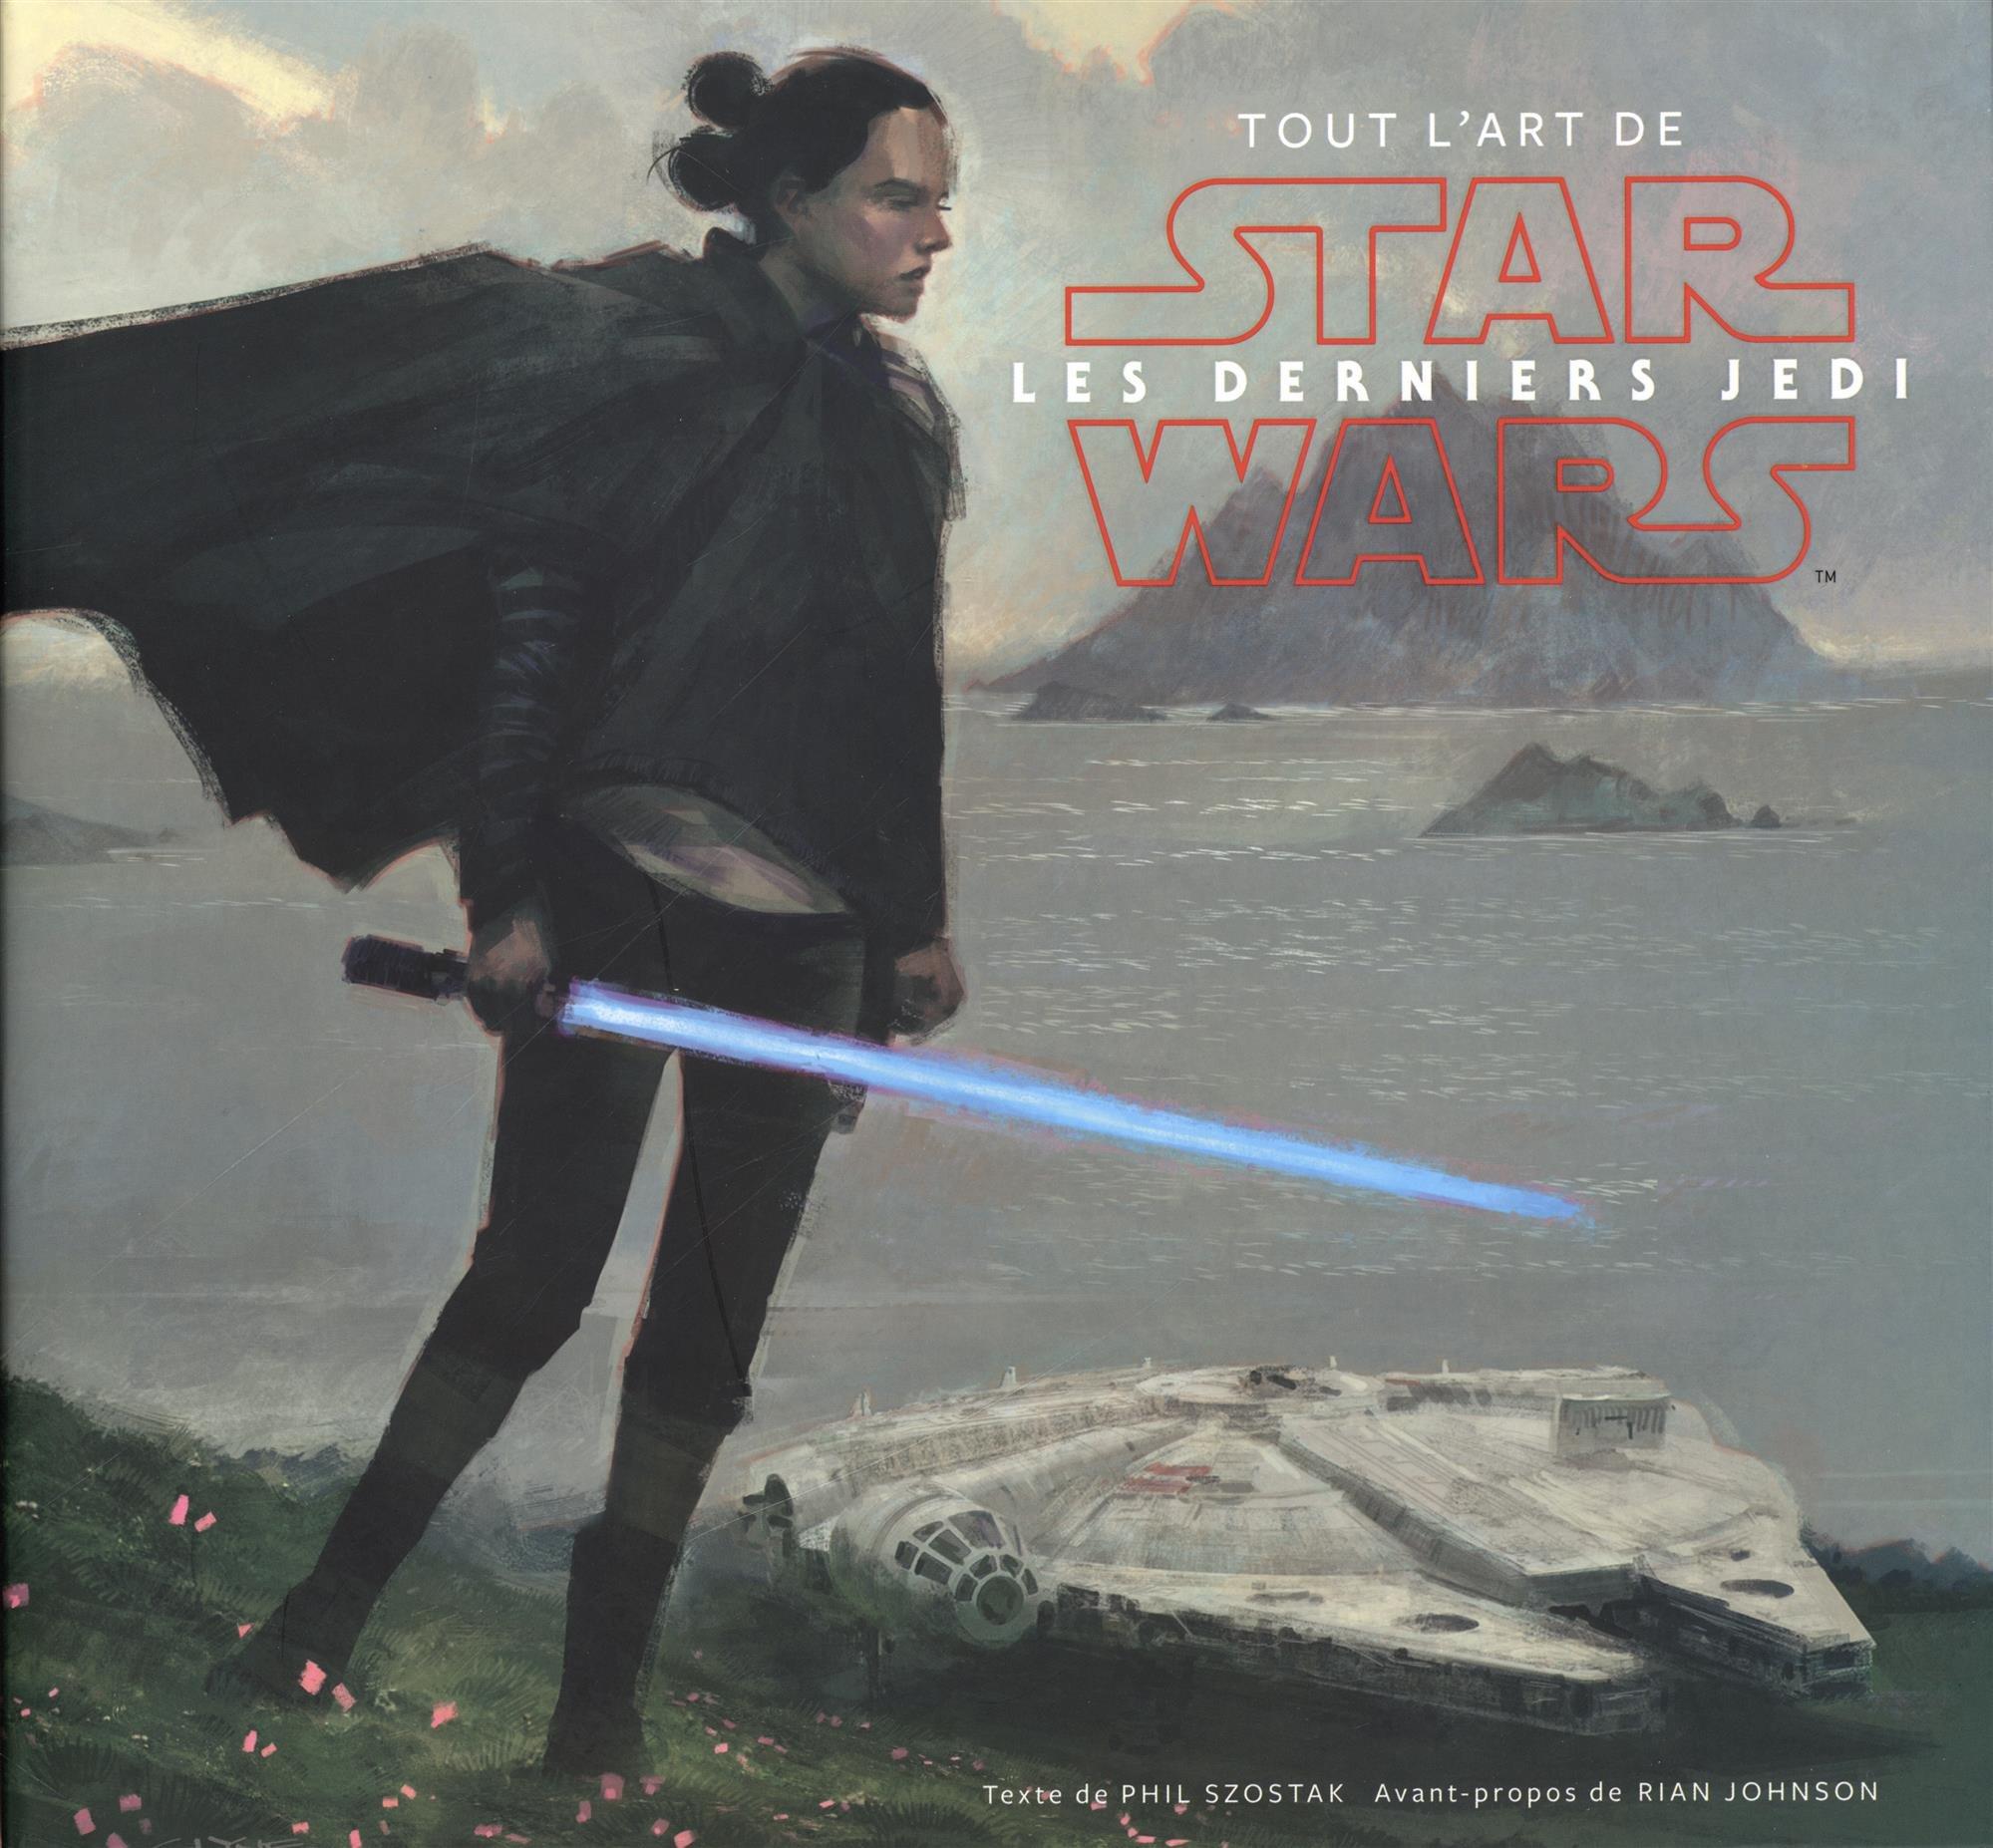 Tout l'Art de Star Wars - Les derniers Jedi